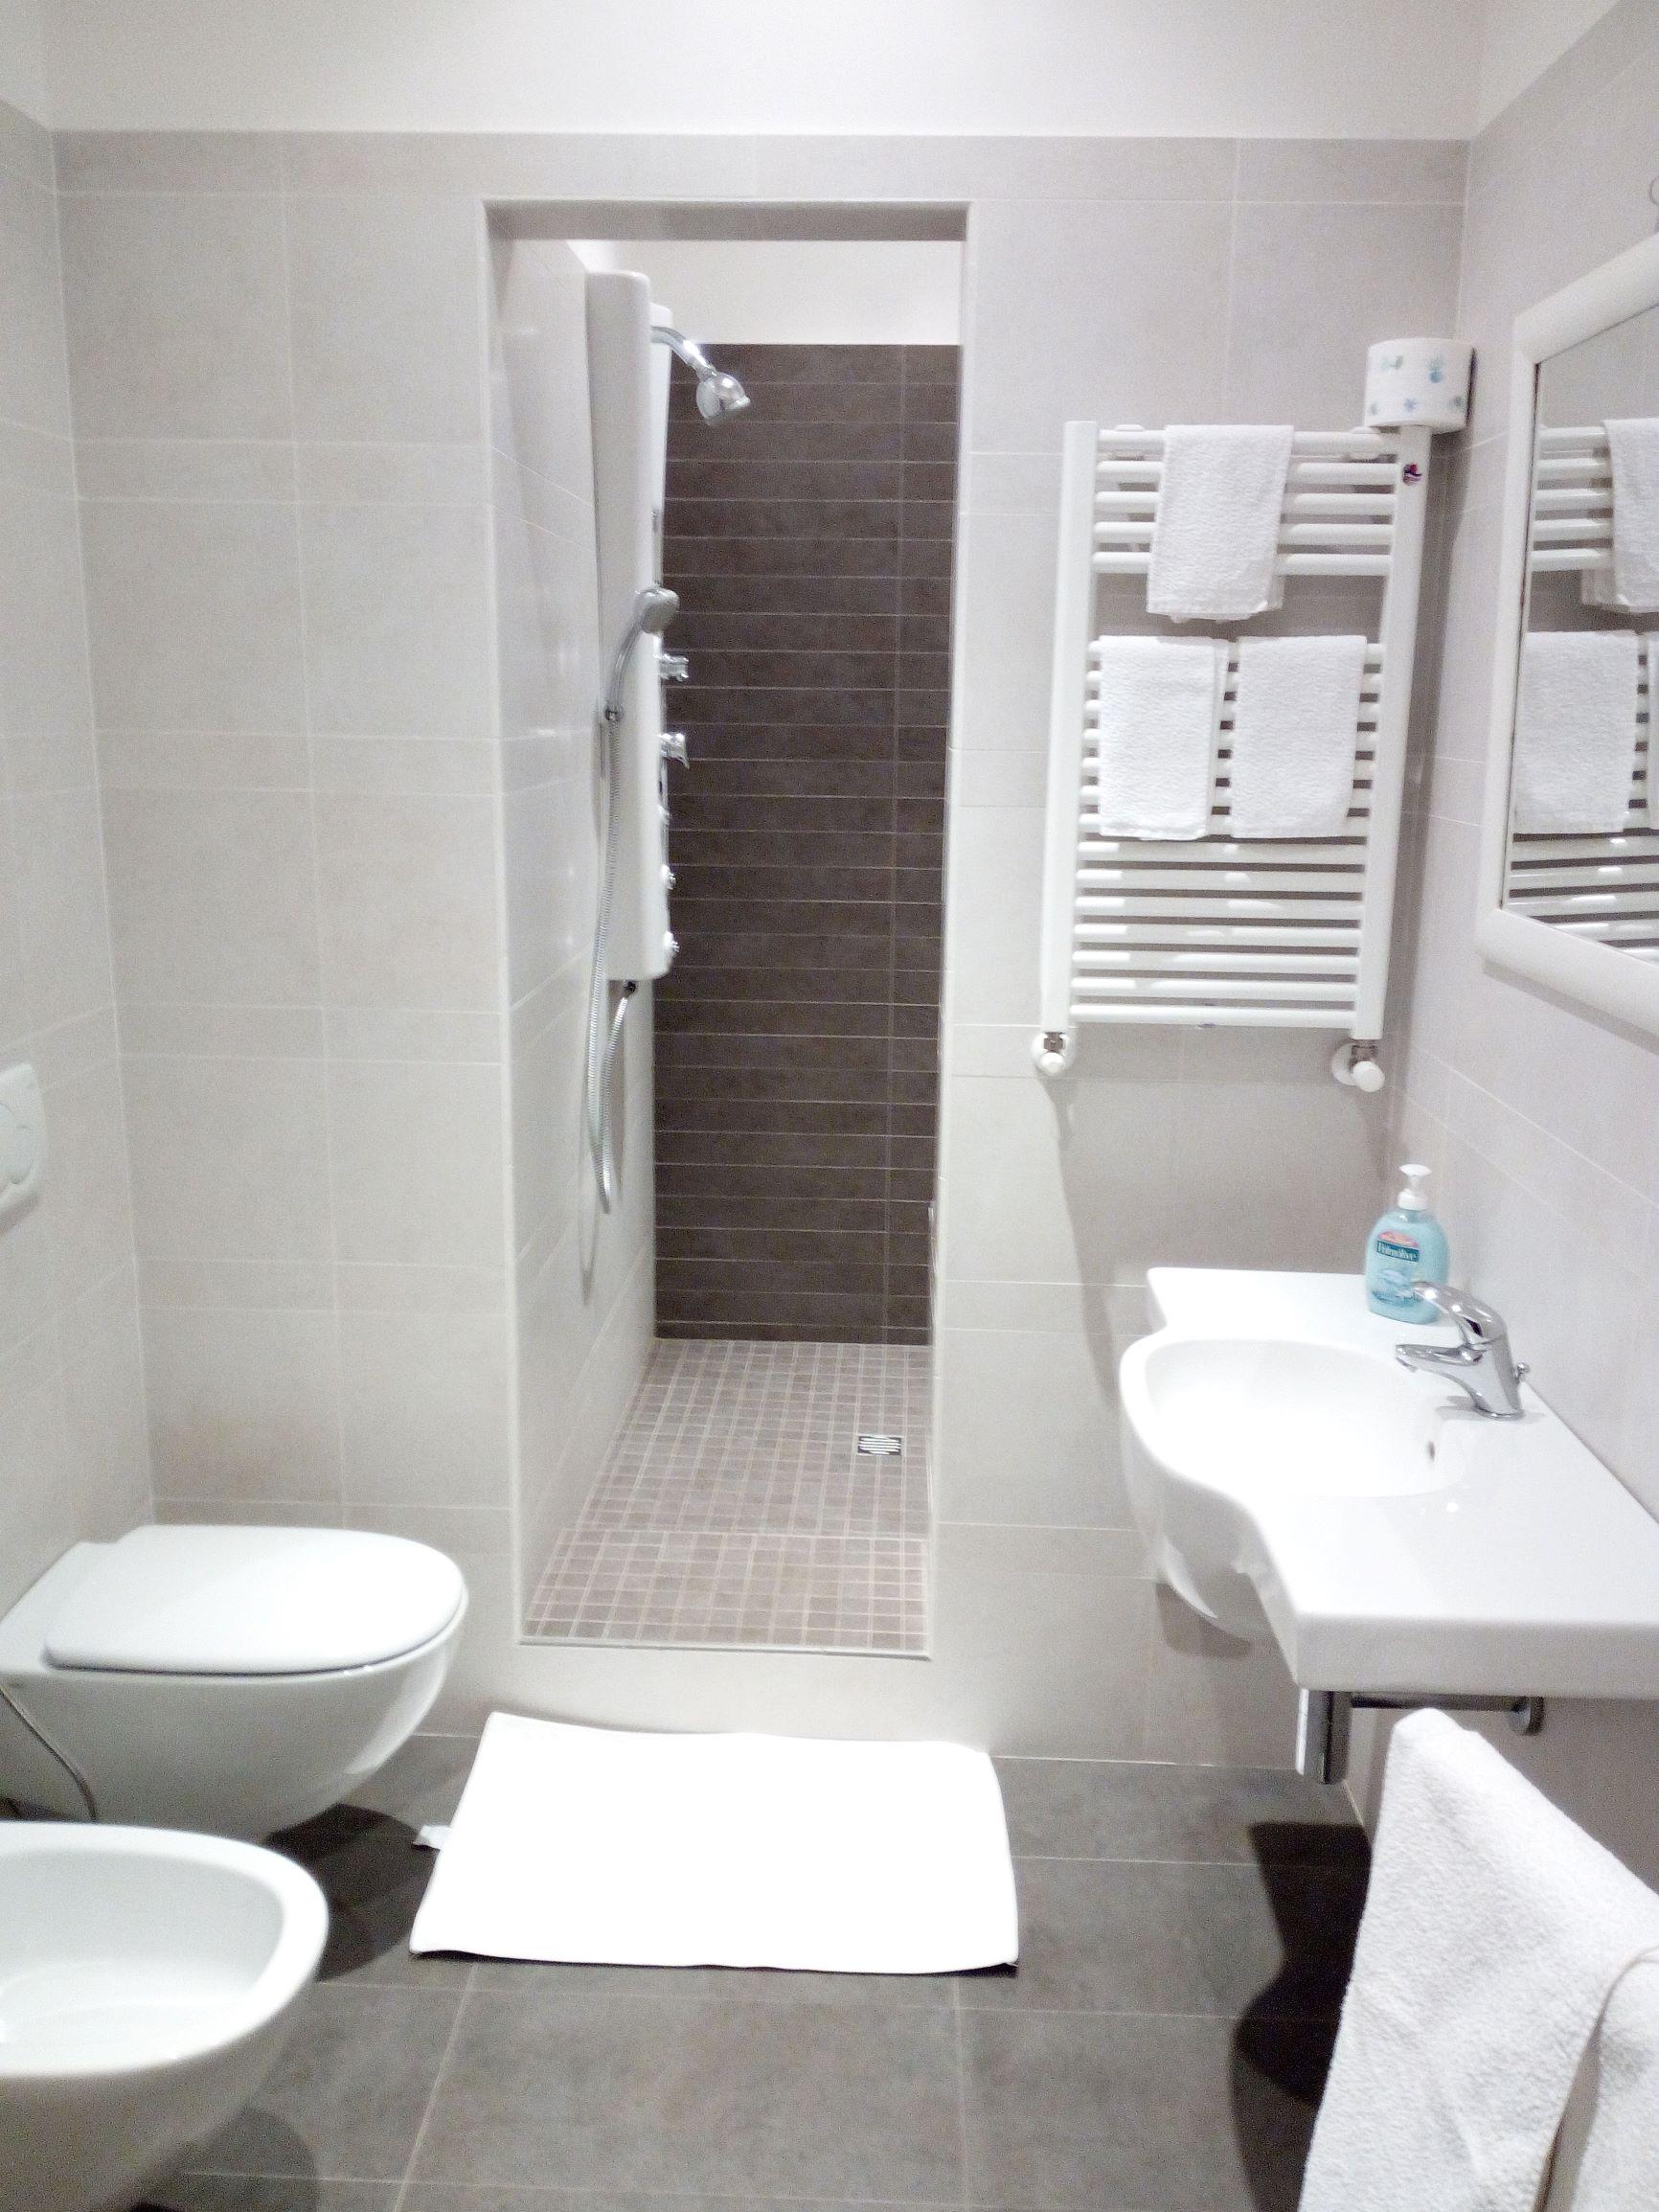 Bagno - Foto di bagni con doccia ...